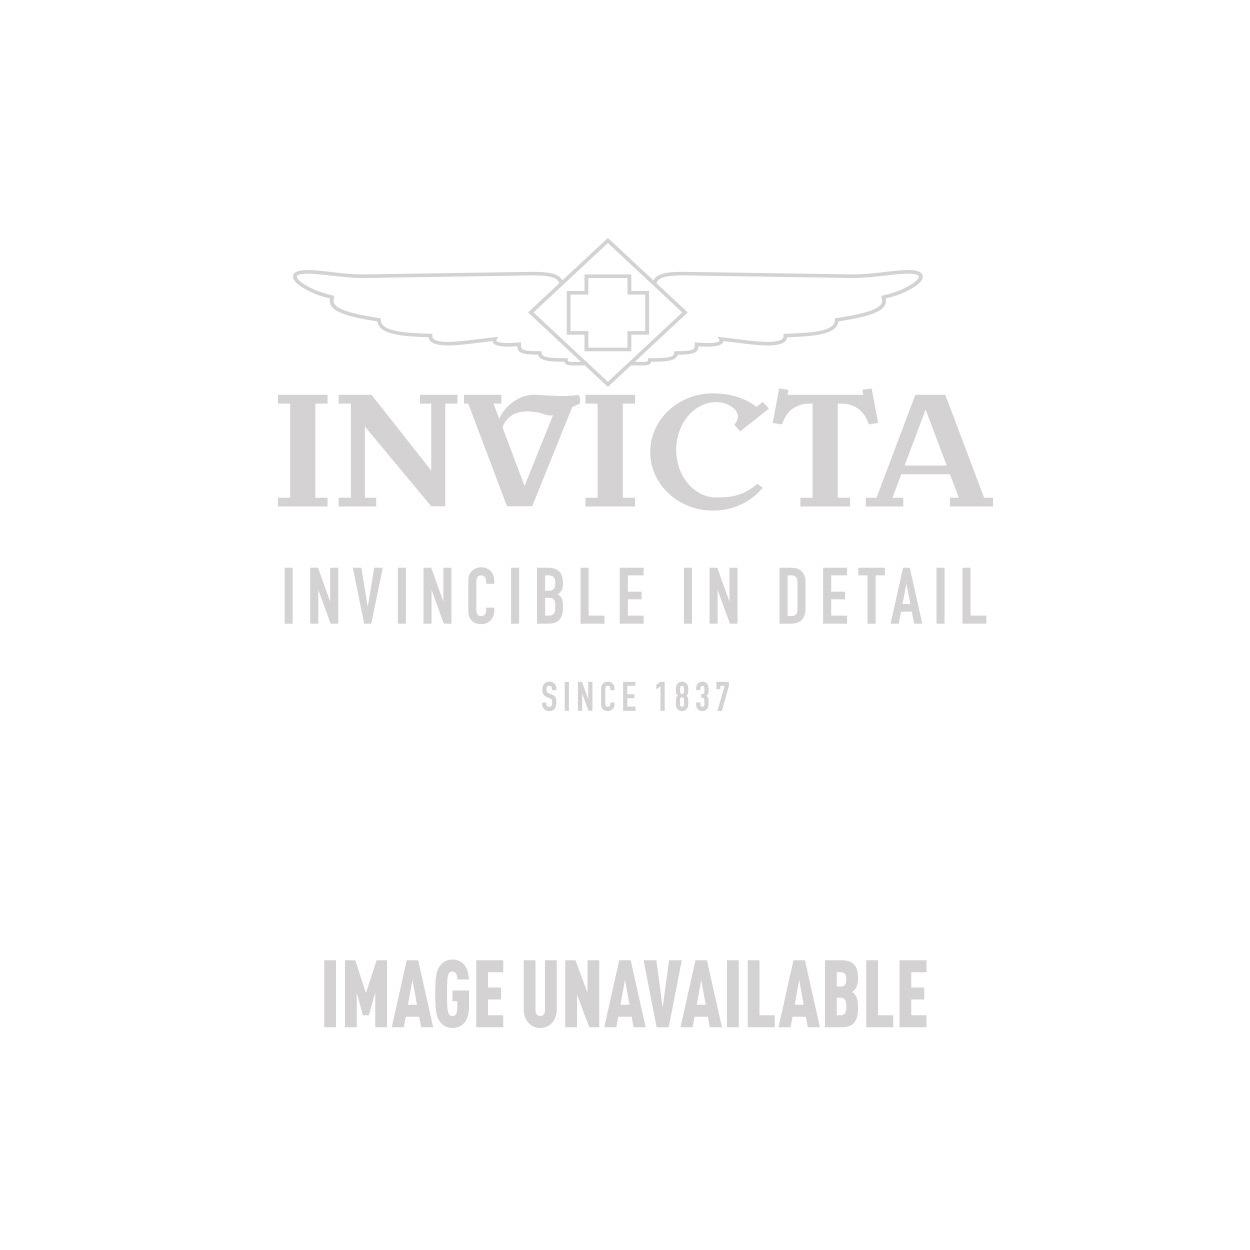 Invicta Model 28122